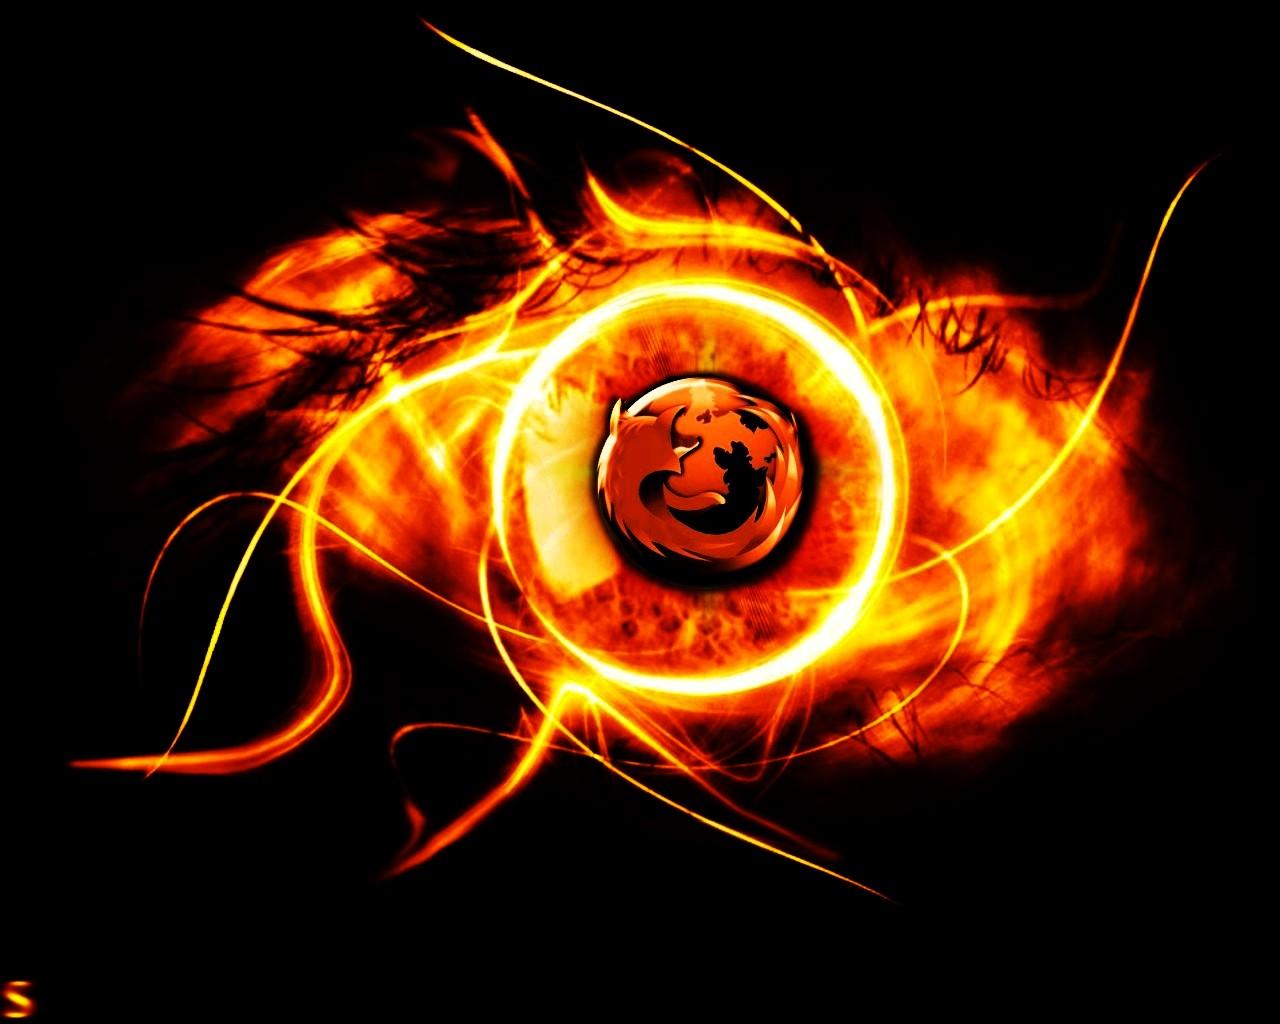 Firefox 13 Wallpaper